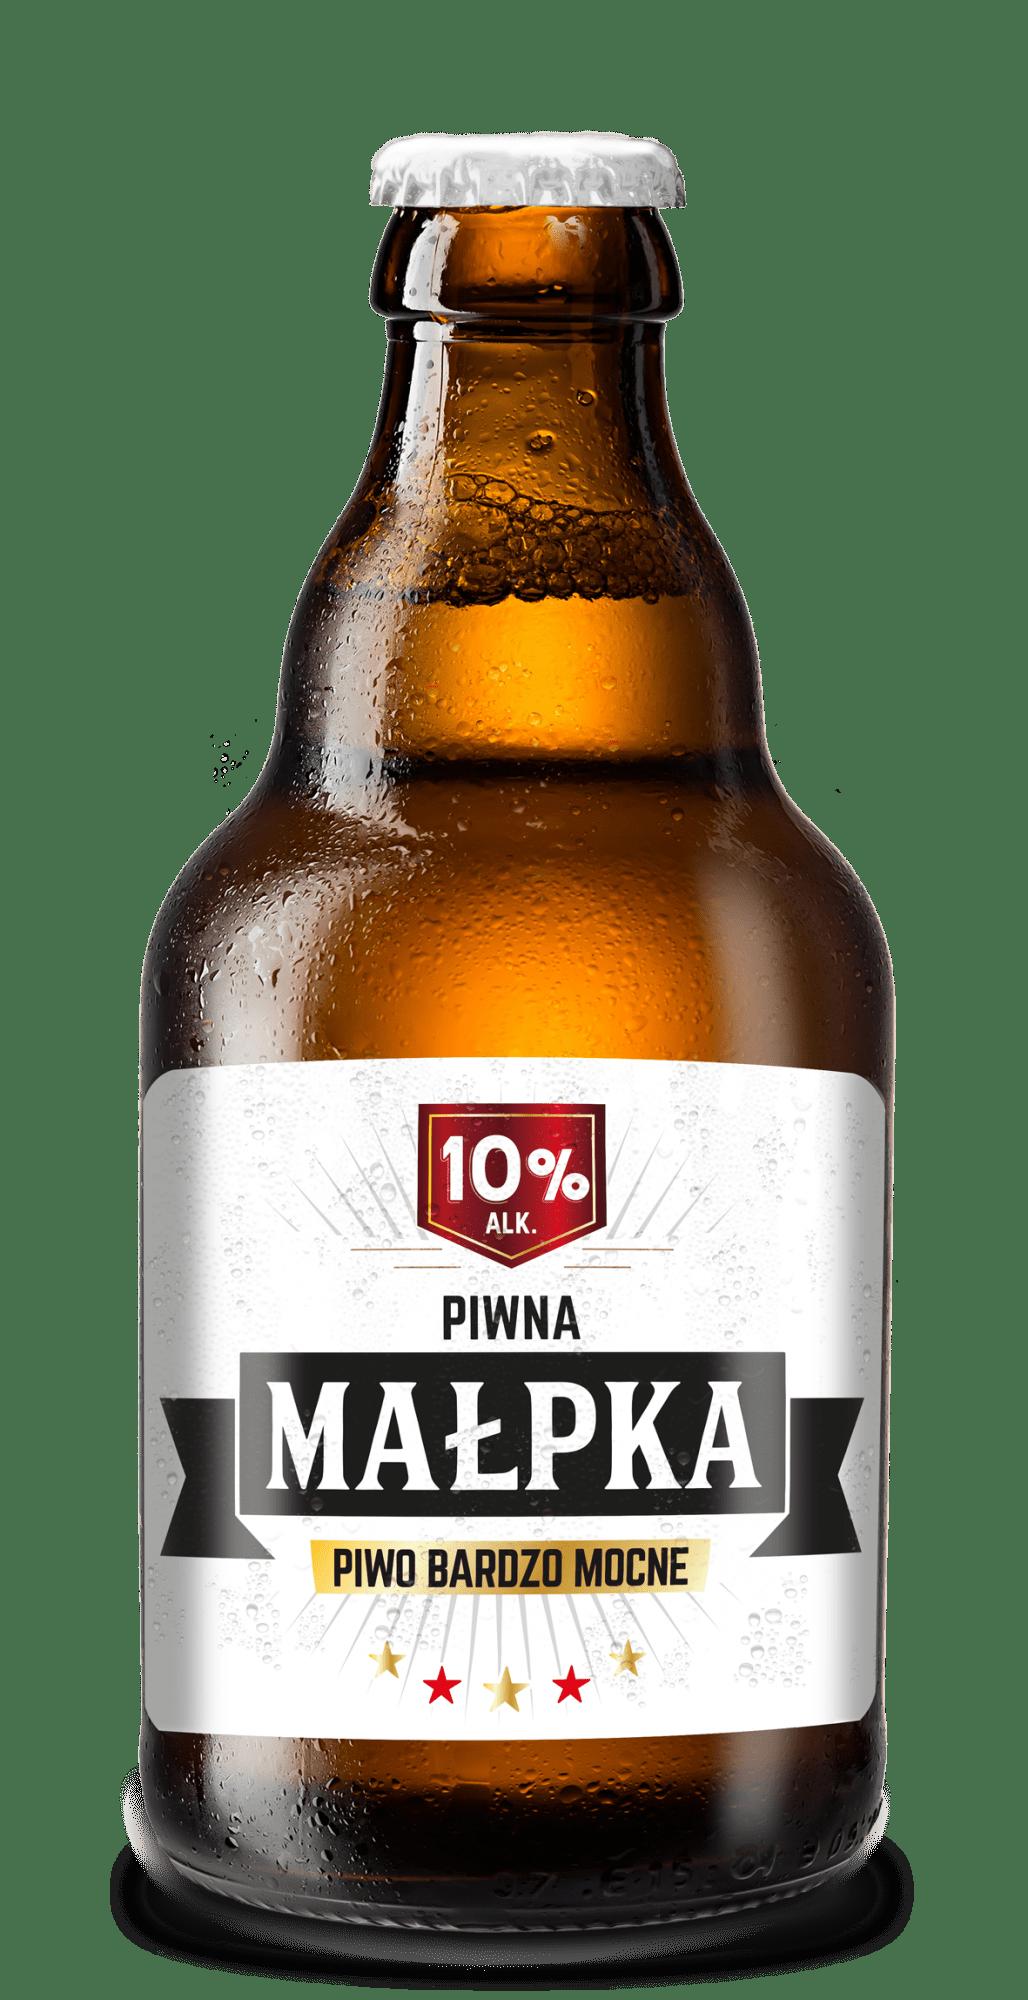 Piwna Małpka - piwna malpka butelka wiz